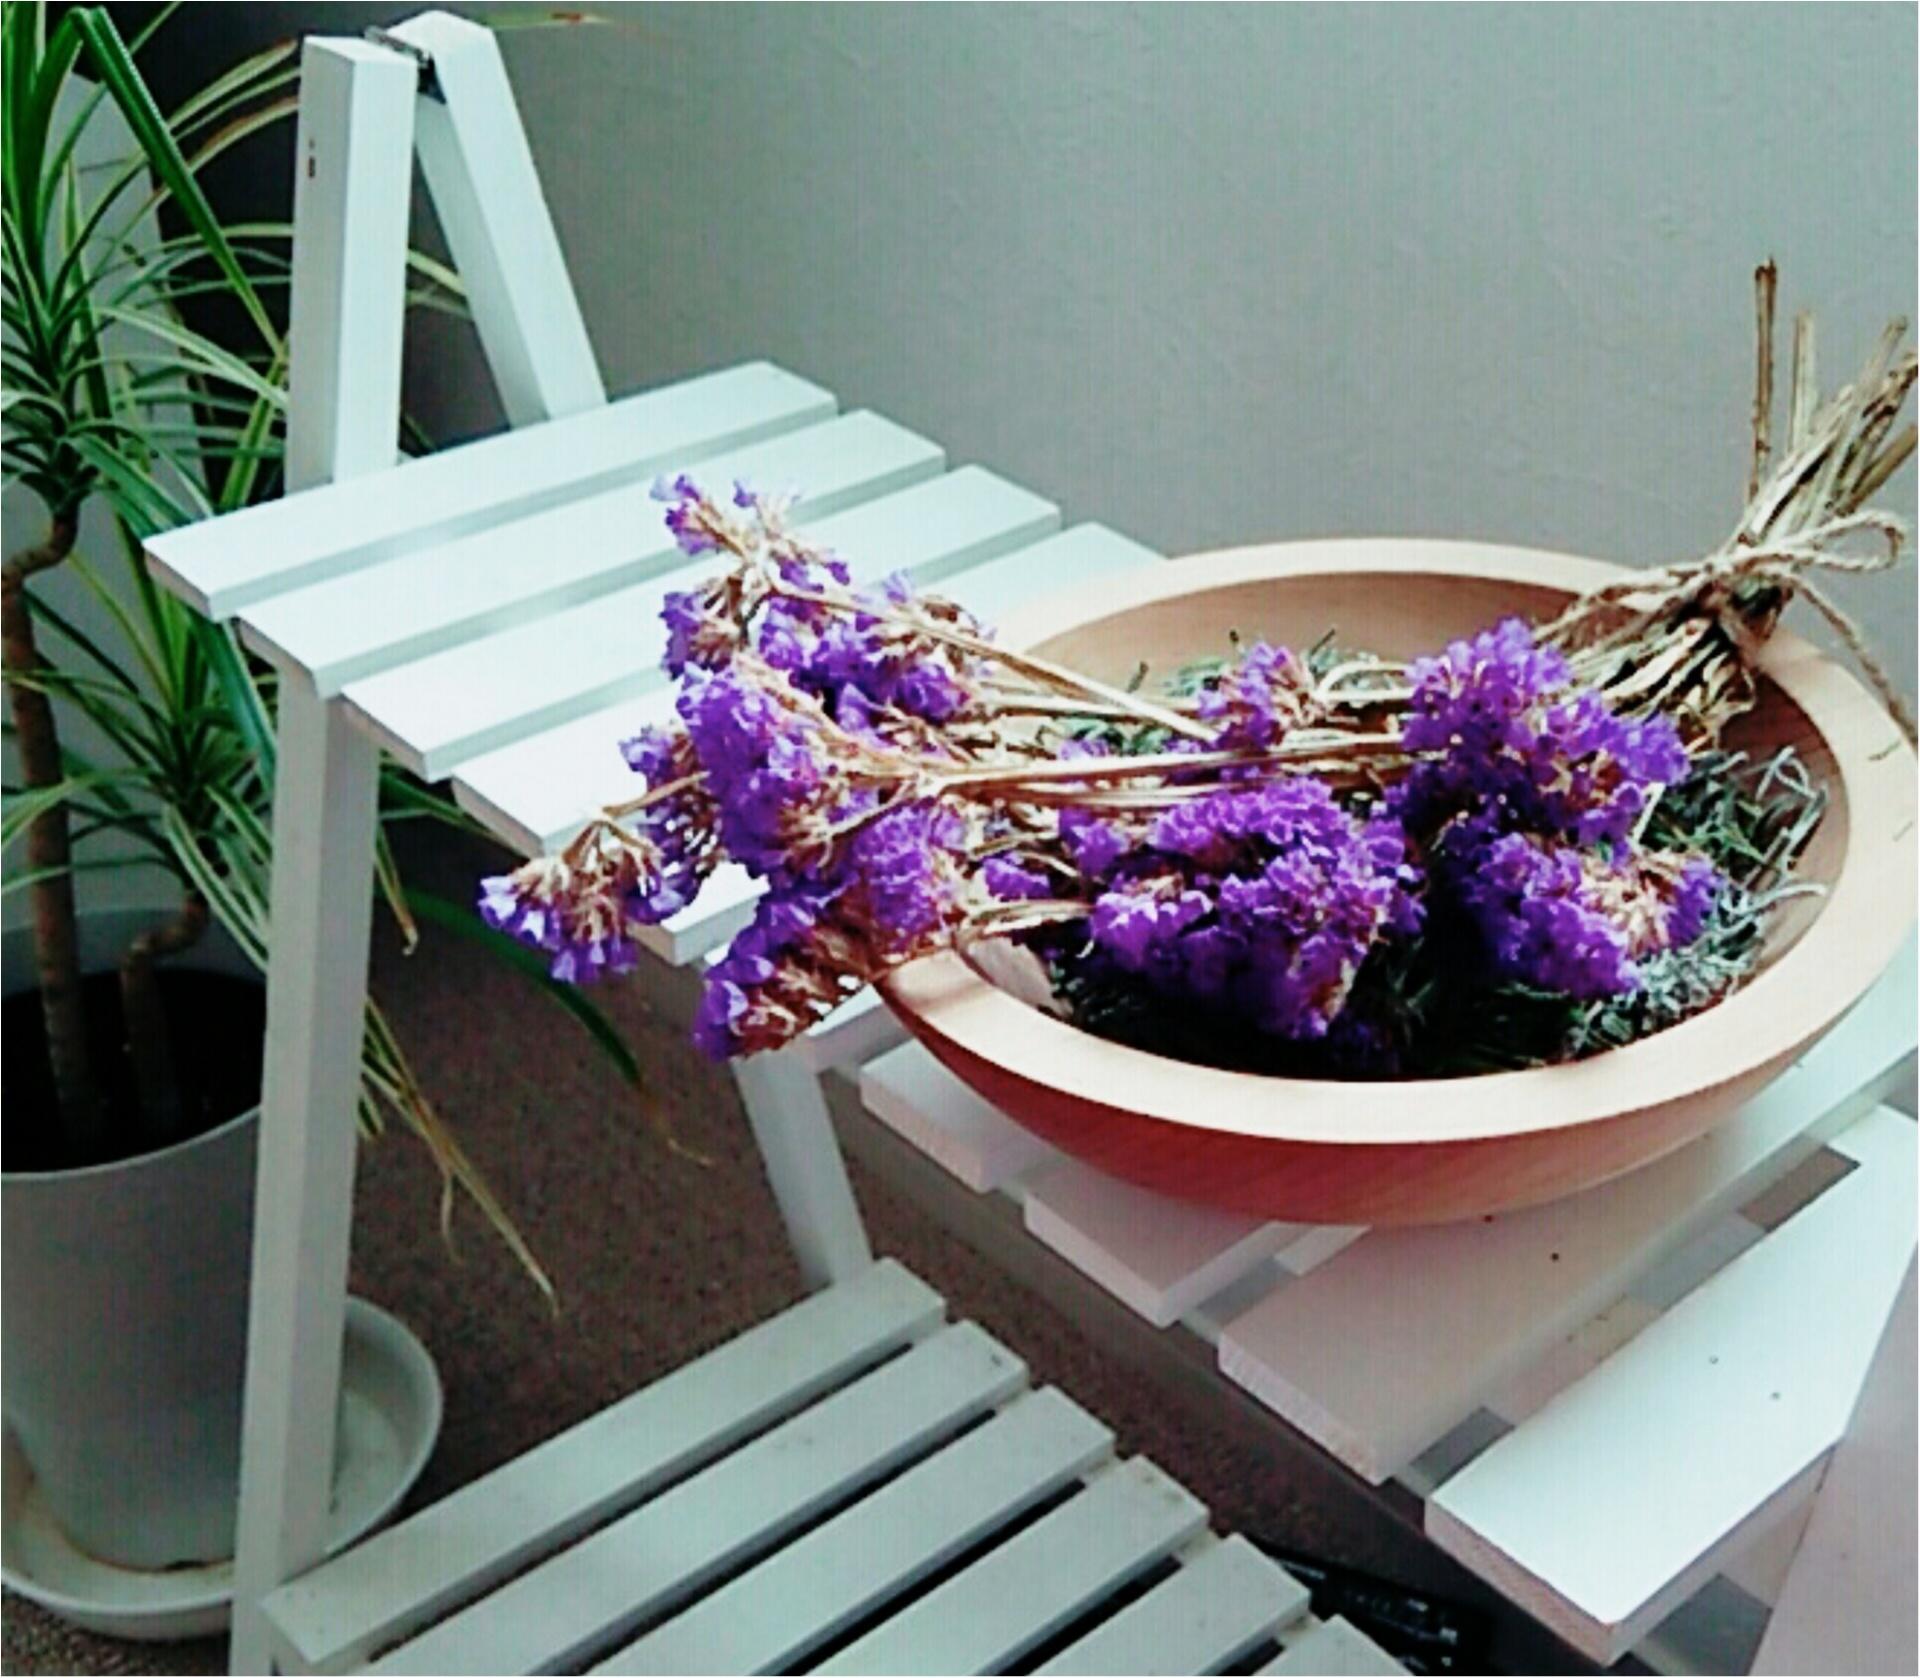 """「お花は枯らしちゃうから・・」だったら最初から【ドライフワラー】で!""""花のある生活""""を叶えちゃお♪飾り方のコツも(443 まゆ _2"""